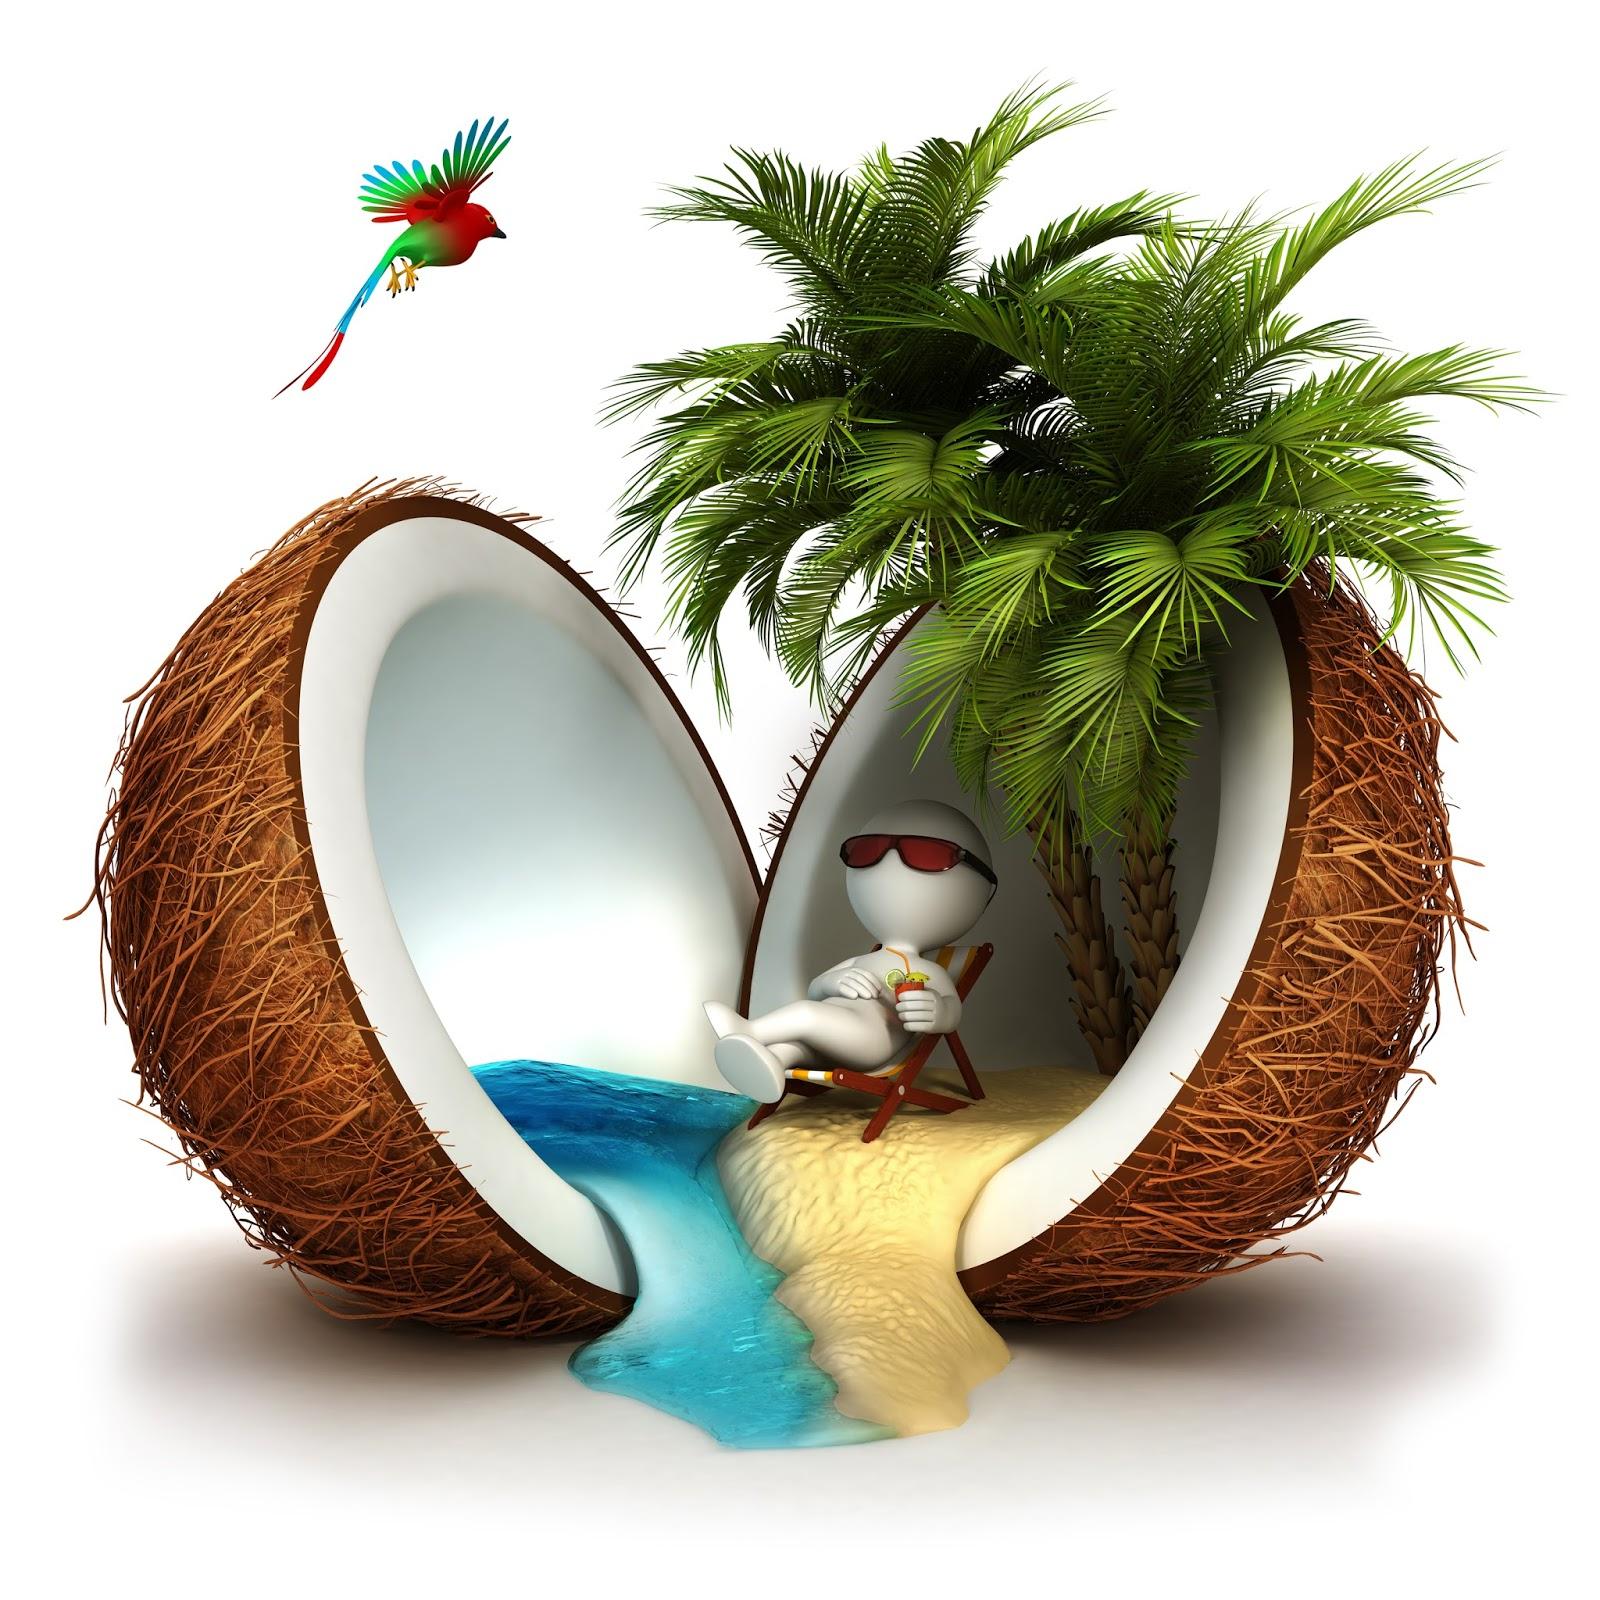 ƹӝʒ Tu Rincón de Sueños & Fantasías ƹӝʒ Facebook - Imagenes De Flores Fantasia